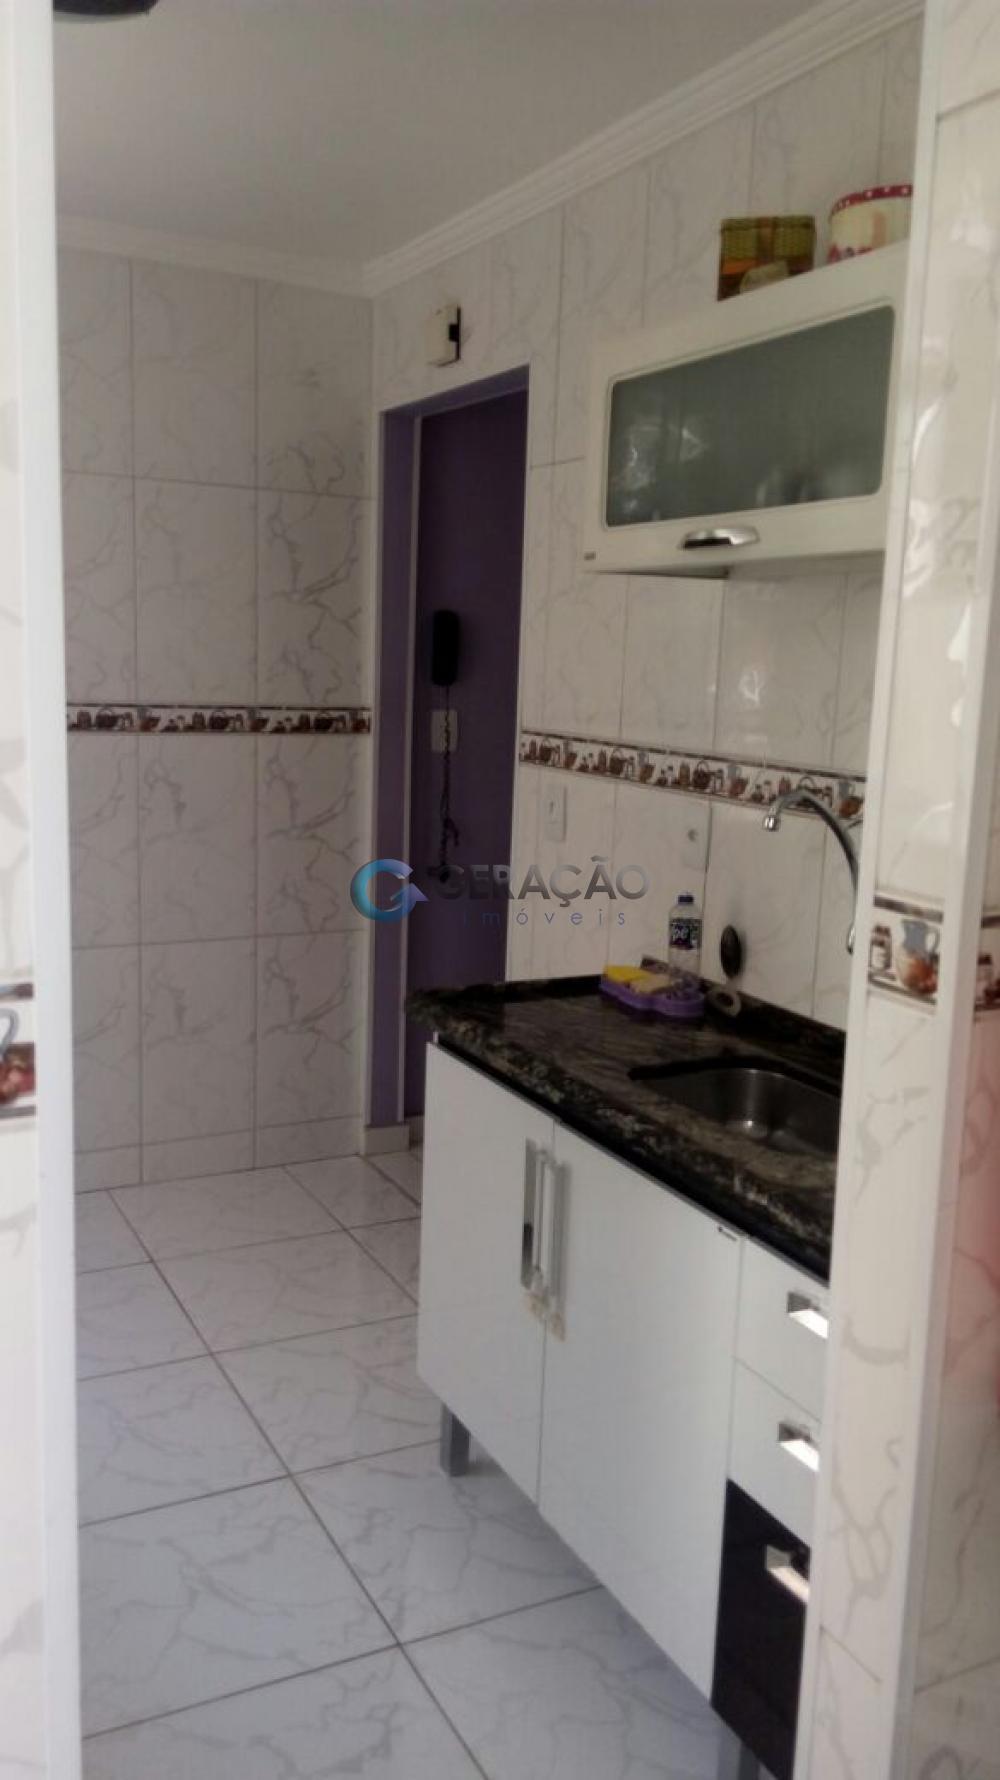 Comprar Apartamento / Padrão em São José dos Campos R$ 185.000,00 - Foto 12